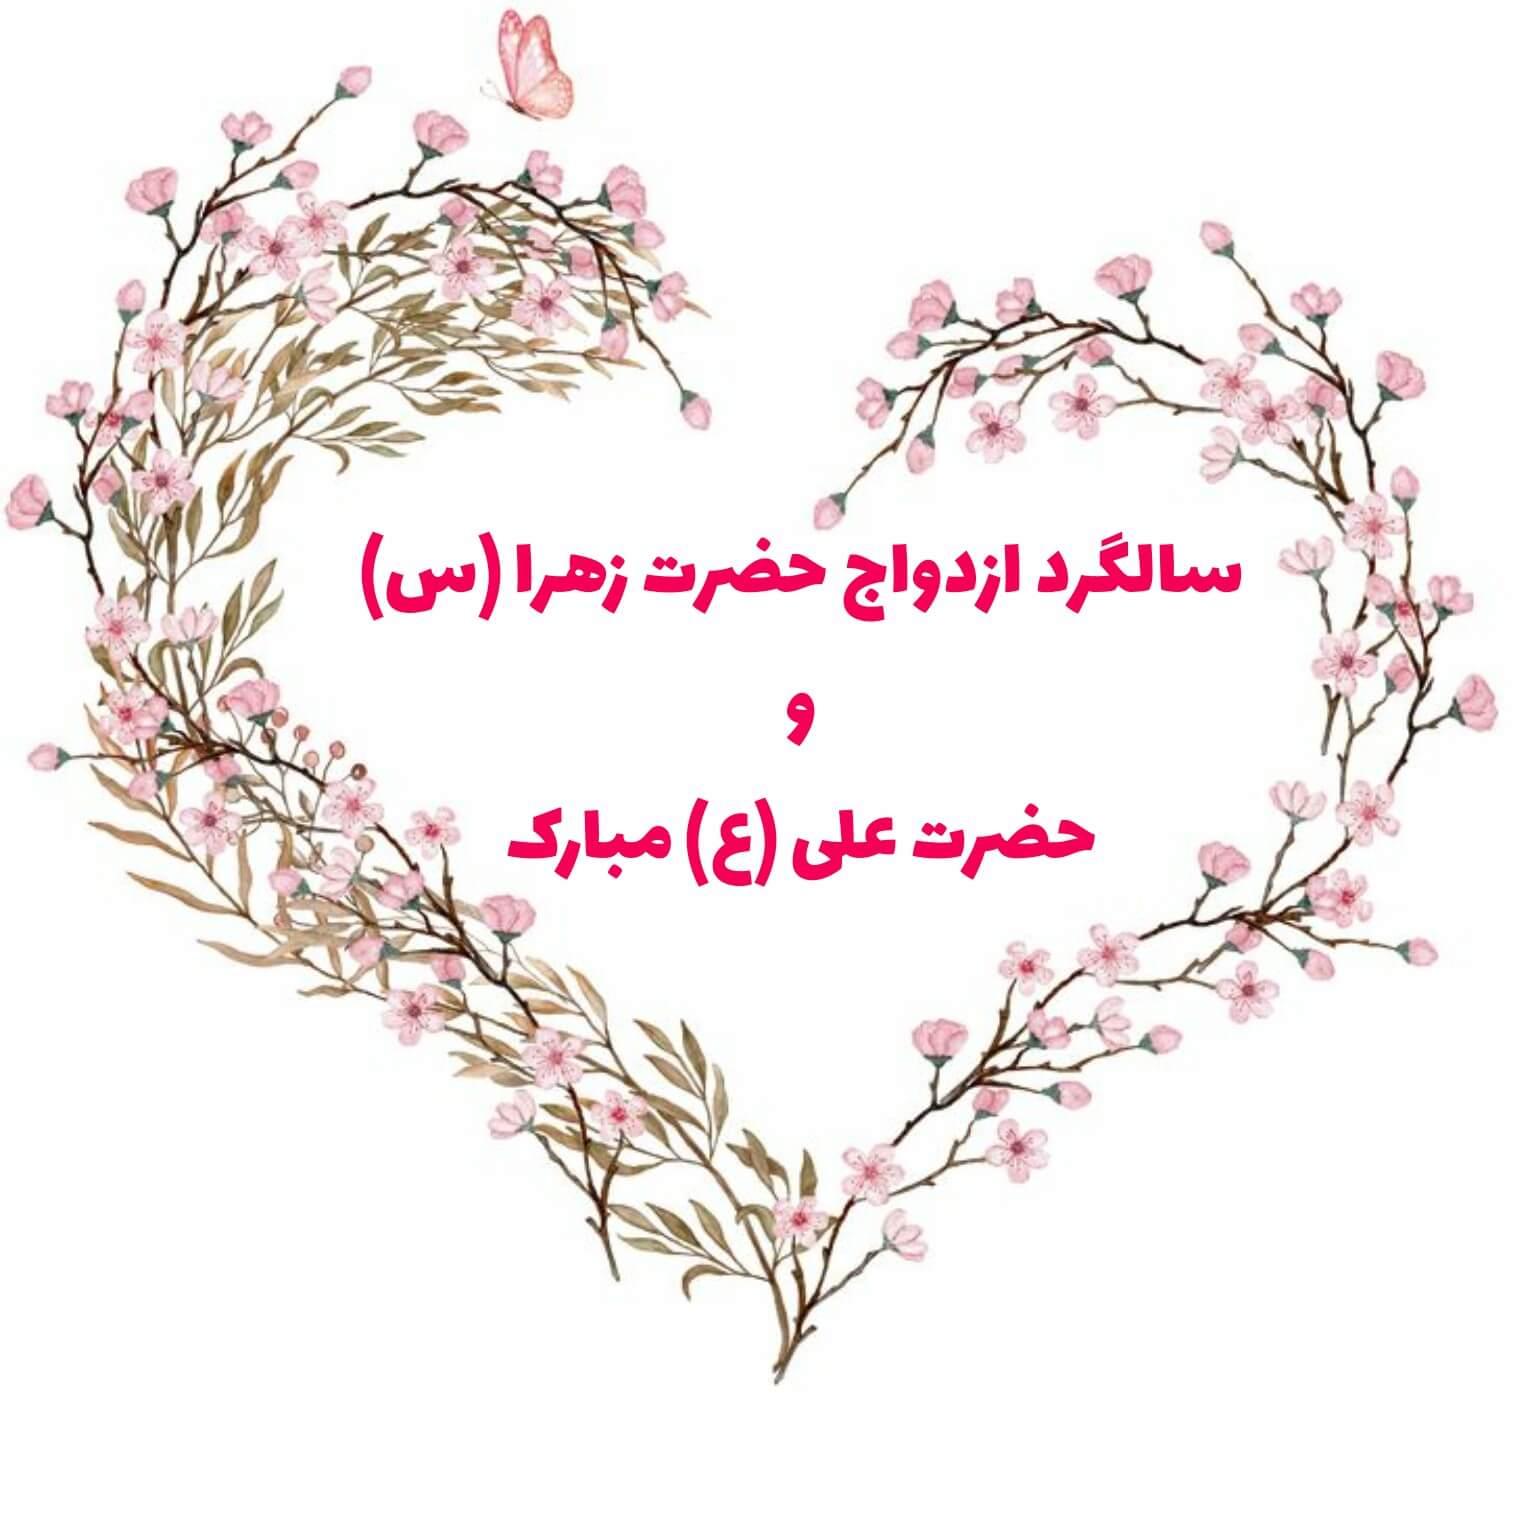 استیکر سالگرد ازدواج حضرت زهرا (س) و حضرت علی (ع) مبارک